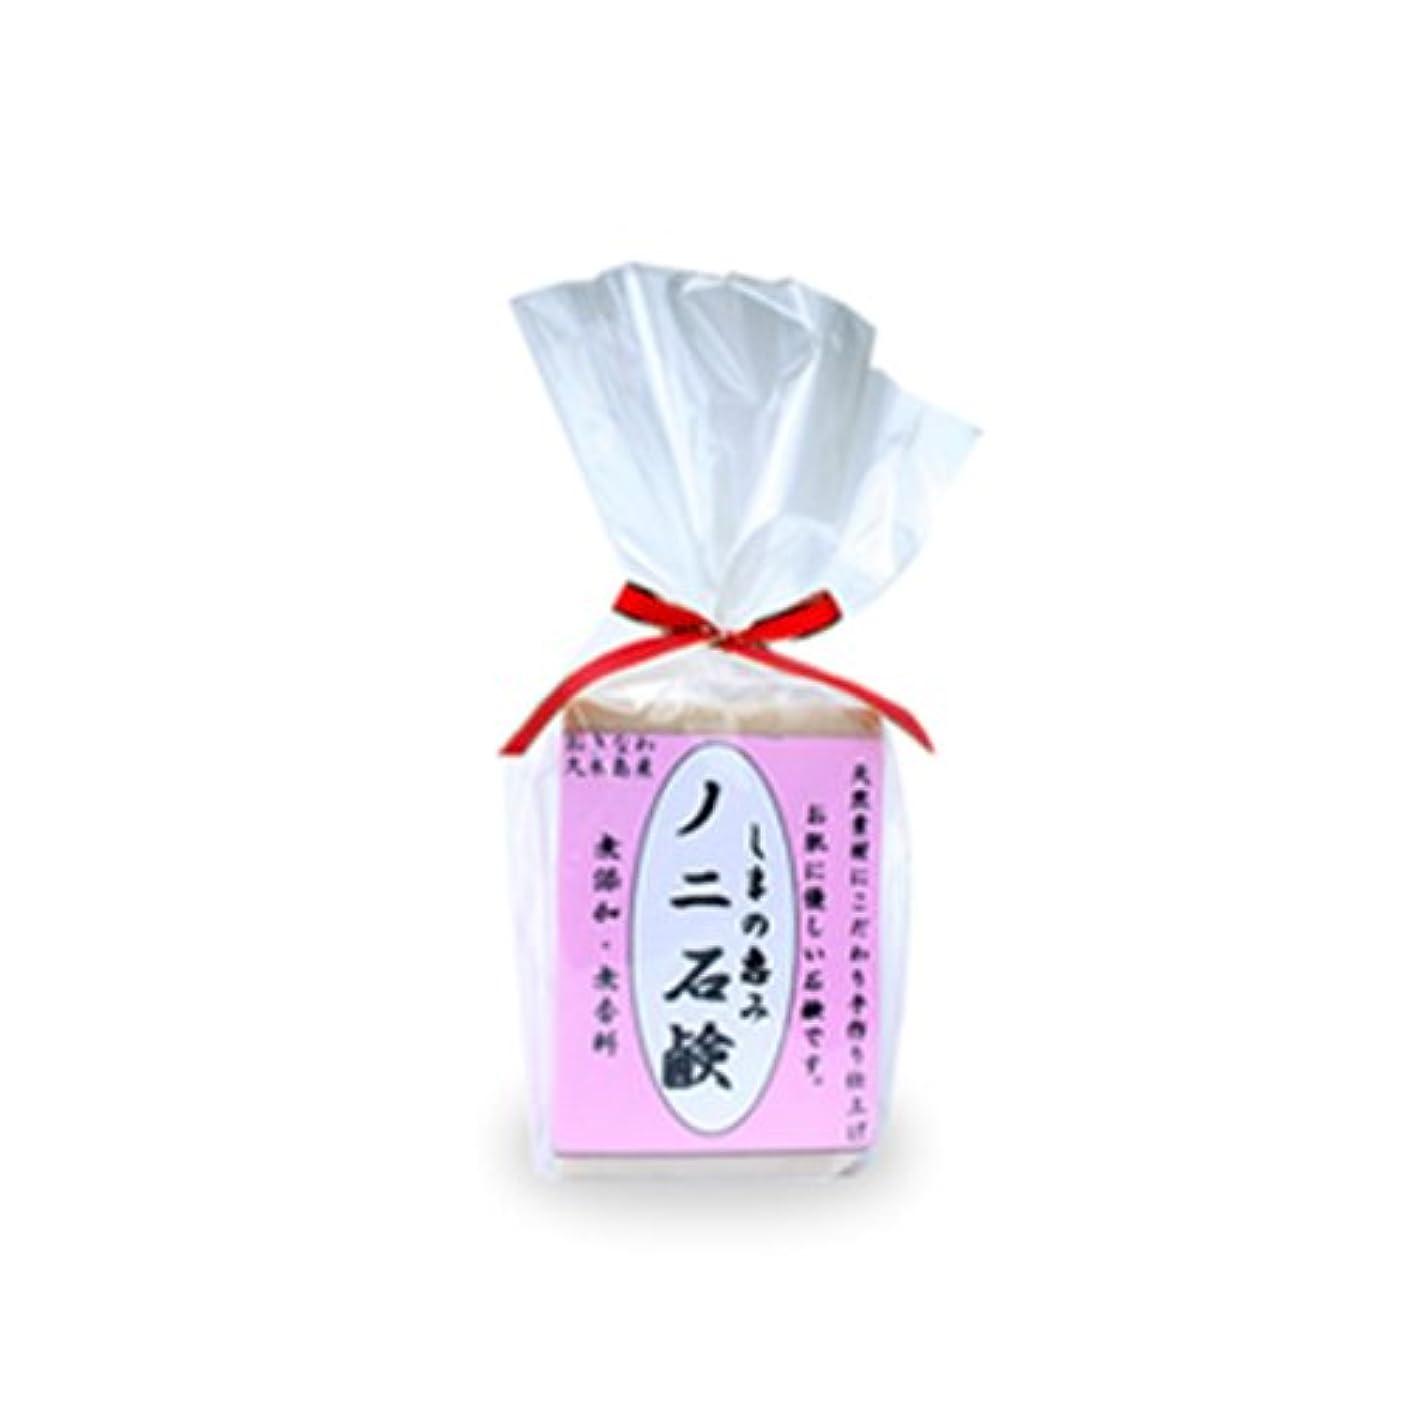 安全性スタイル落ち着いたノ二石鹸×3個 久米島物産販売 沖縄の海洋深層水ミネラルとノニを配合した無添加ソープ